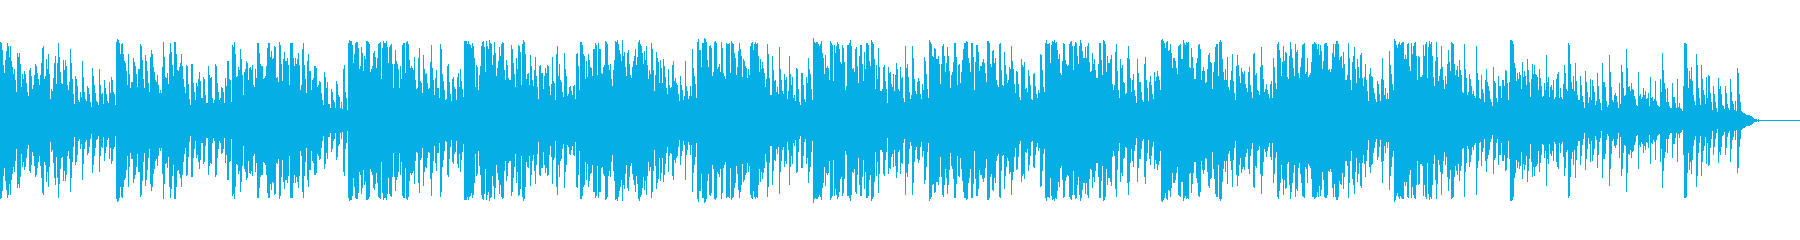 幻想的な変拍子のミニマルの再生済みの波形